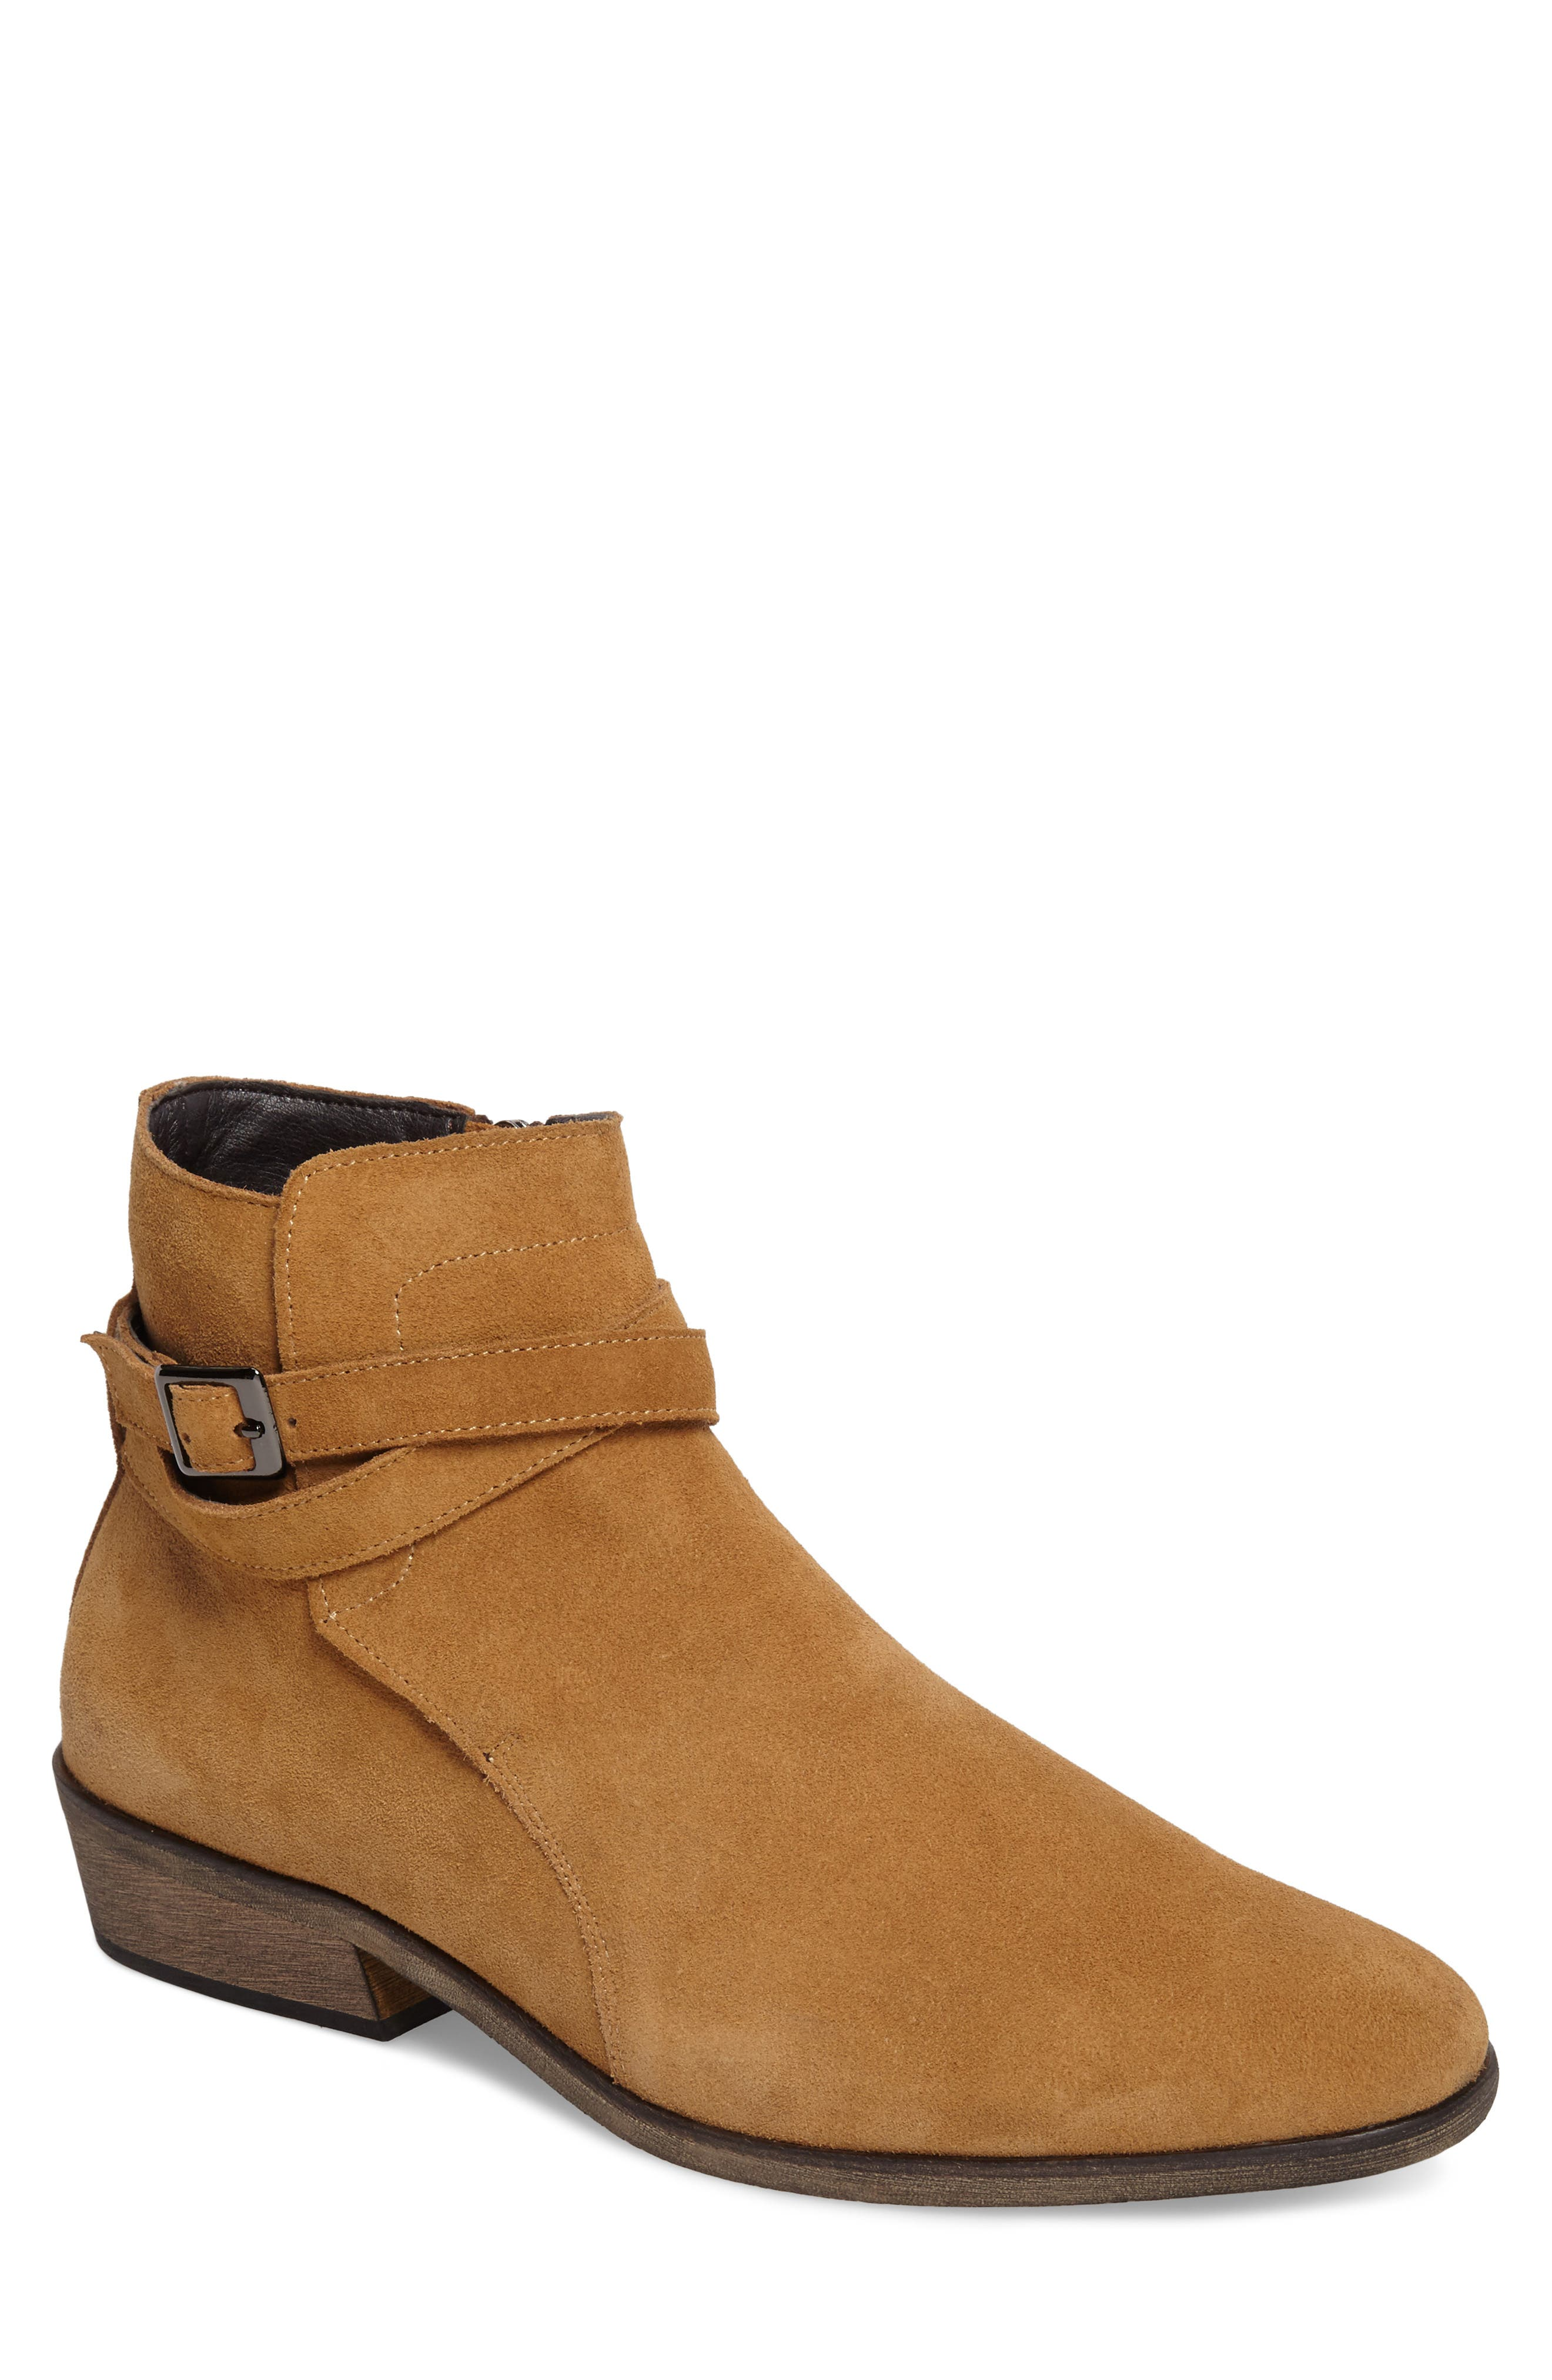 Alternate Image 1 Selected - The Rail Seneca Zip Boot (Men)